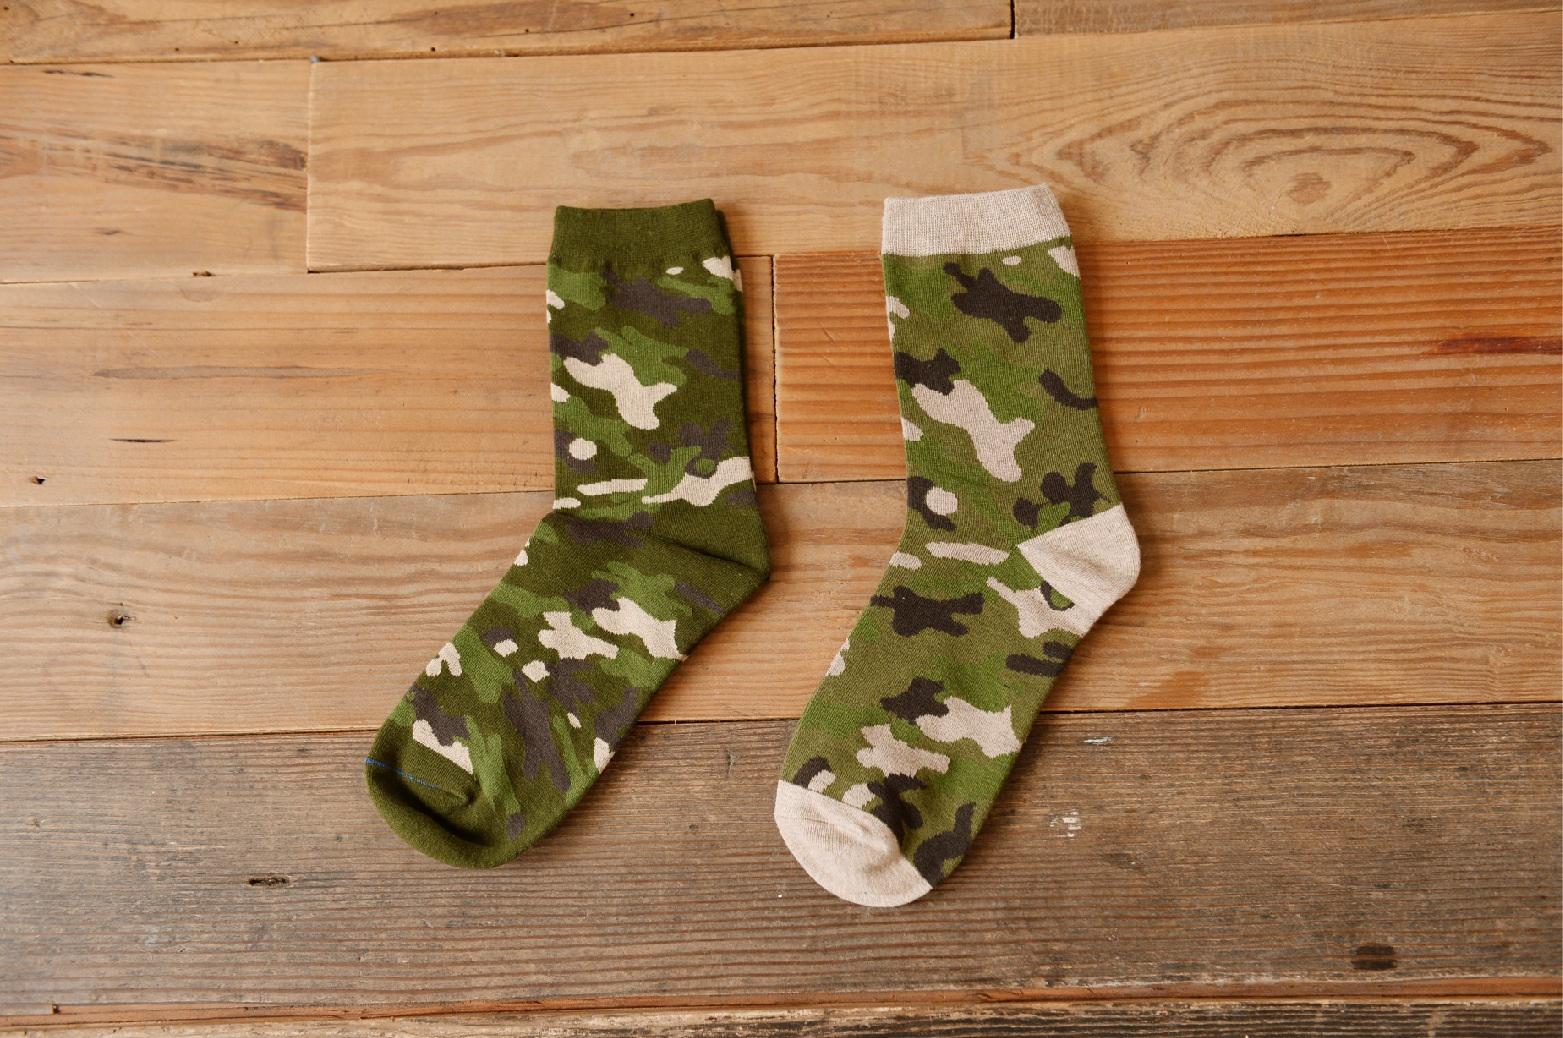 S313**พร้อมส่ง**(ปลีก+ส่ง) ถุงเท้าข้อยาว แฟชั่นเกาหลี มี 12 คู่ต่อแพ็ค พร้อมกล่อง เนื้อดี งานนำเข้า(Made in China)